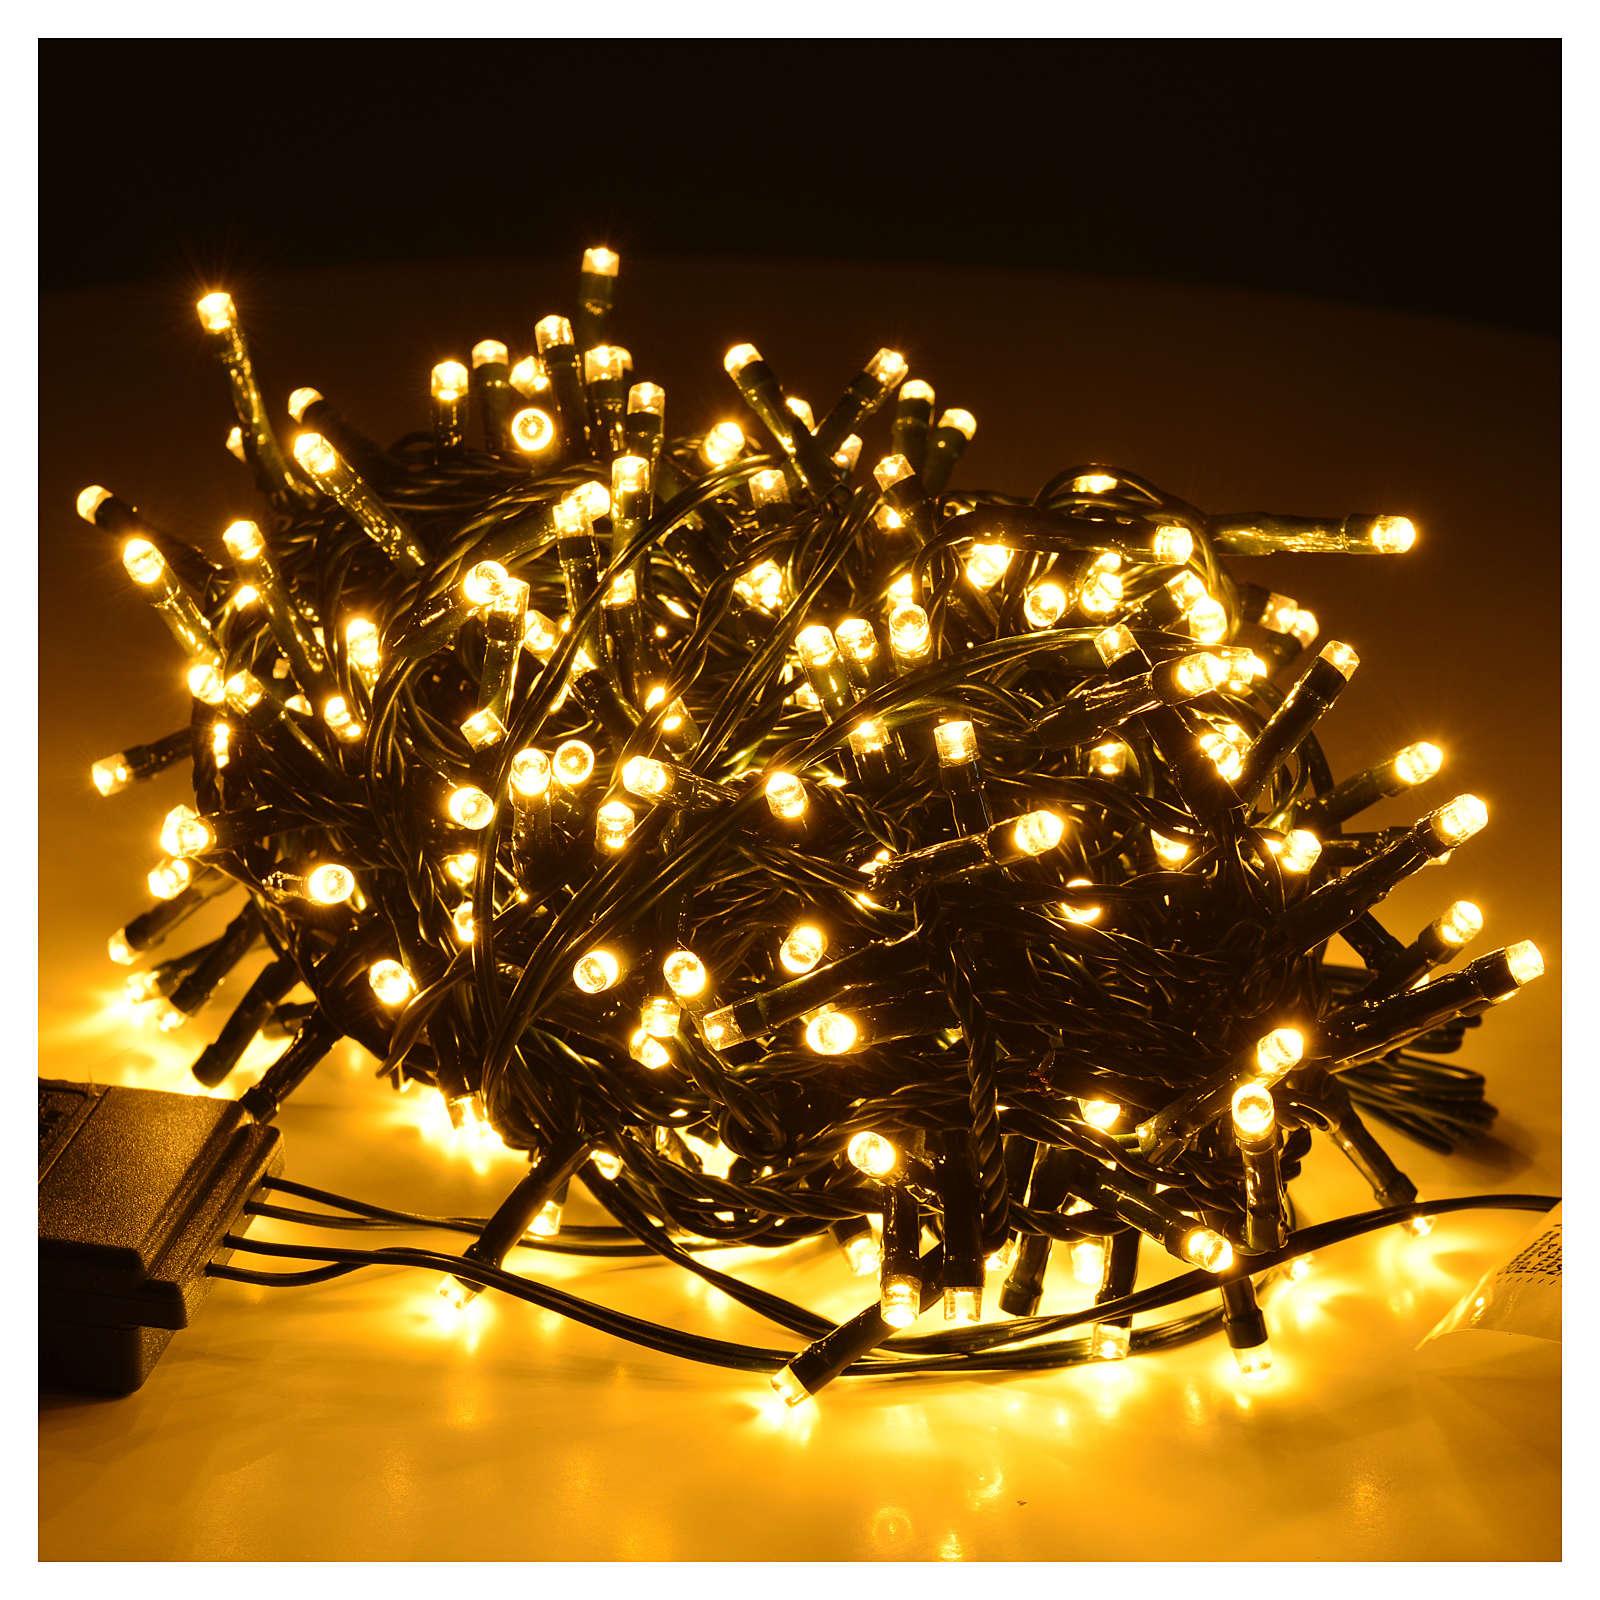 Luces de Navidad 300 LED blanco cálido para exterior-interior 3